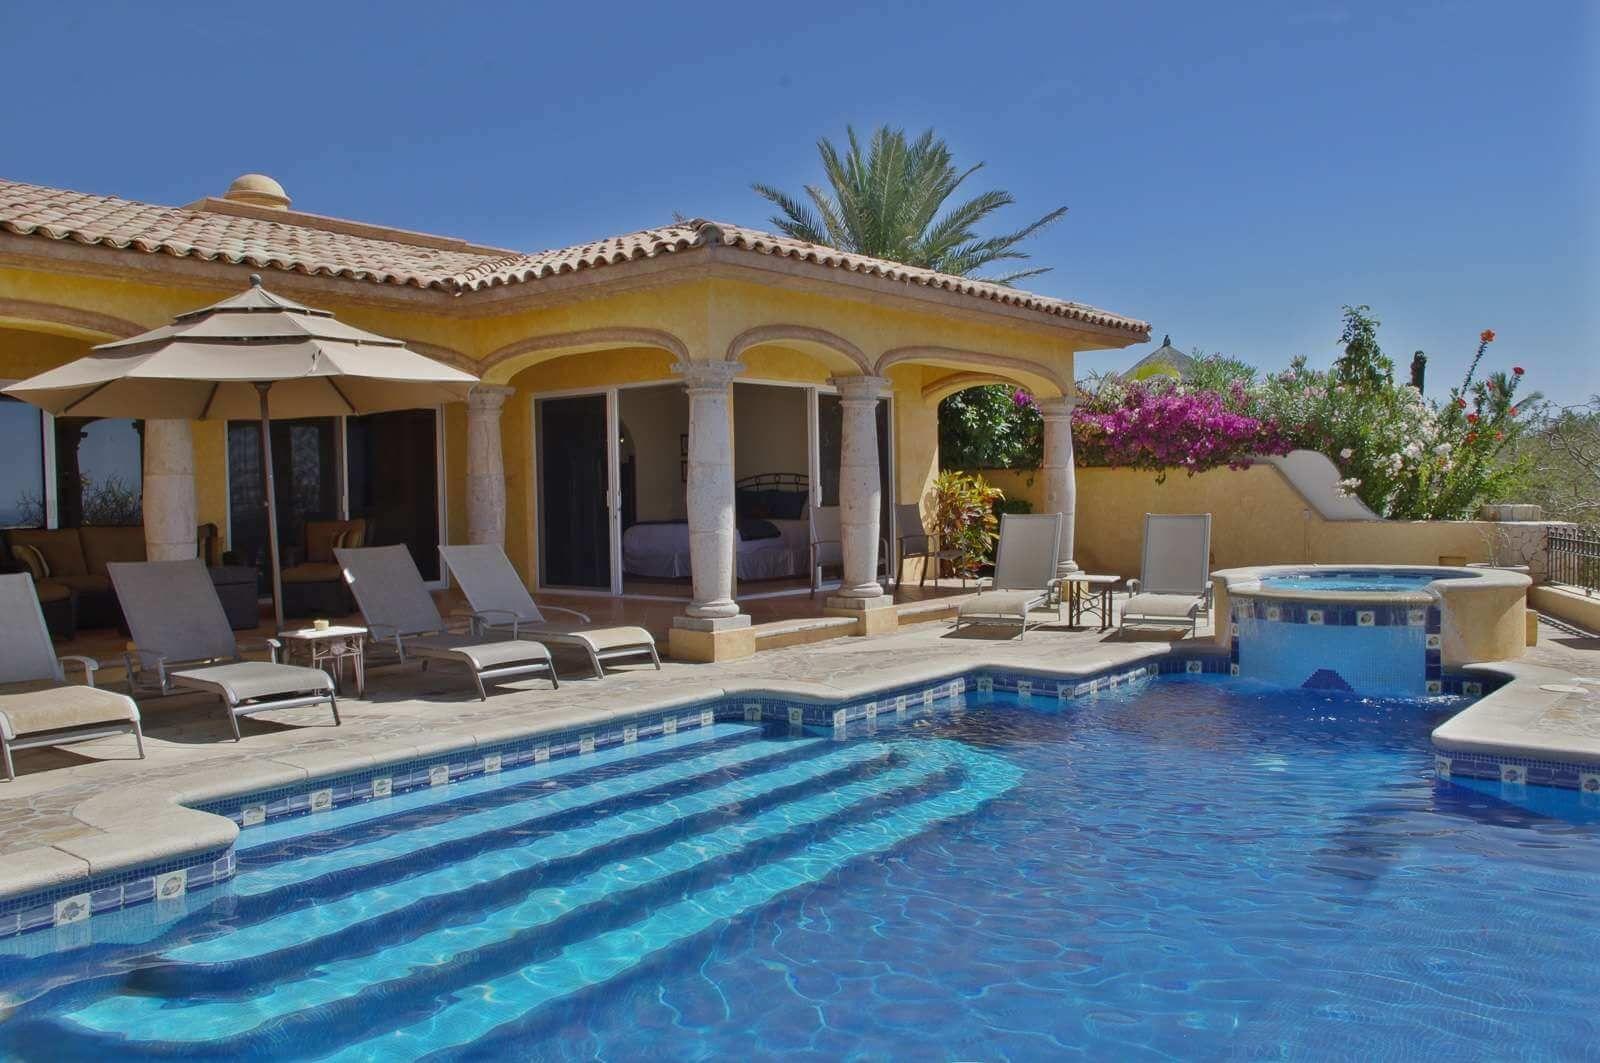 Luxury vacation rentals mexico - Los cabos - Los cabos corridor - Cabo delsol - Agave Azul Villa - Image 1/13